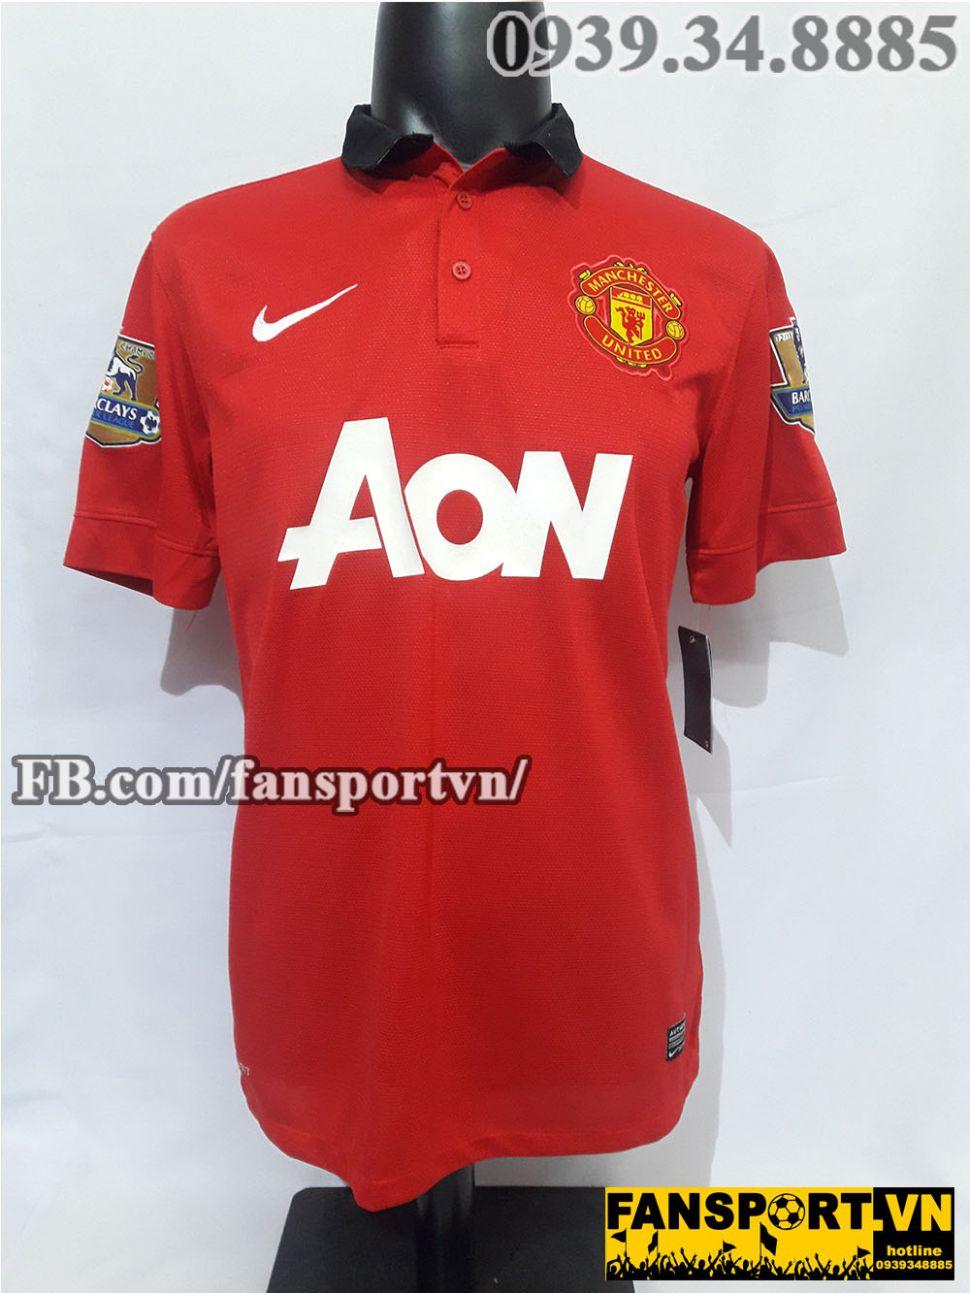 Áo đấu Giggs #11 Manchester United 2013-2014 home shirt jersey red